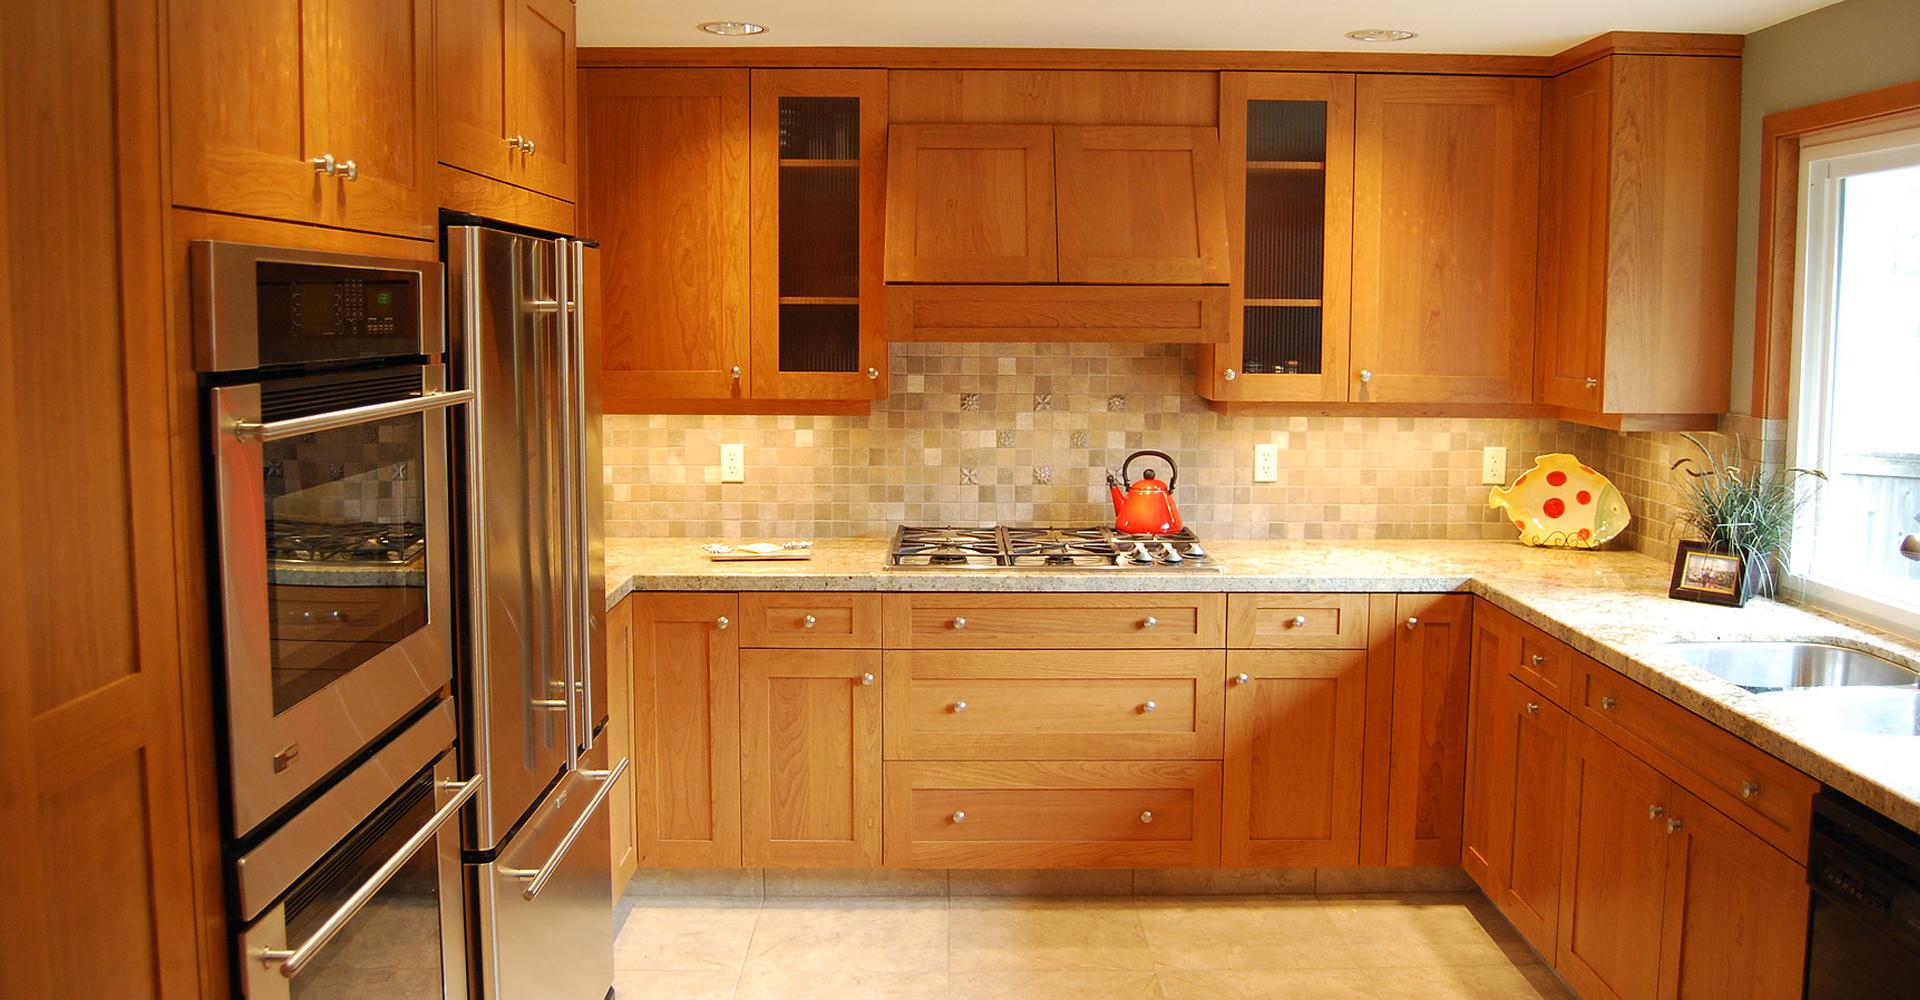 eileen schoener dewils cabinets with hidden spice rack